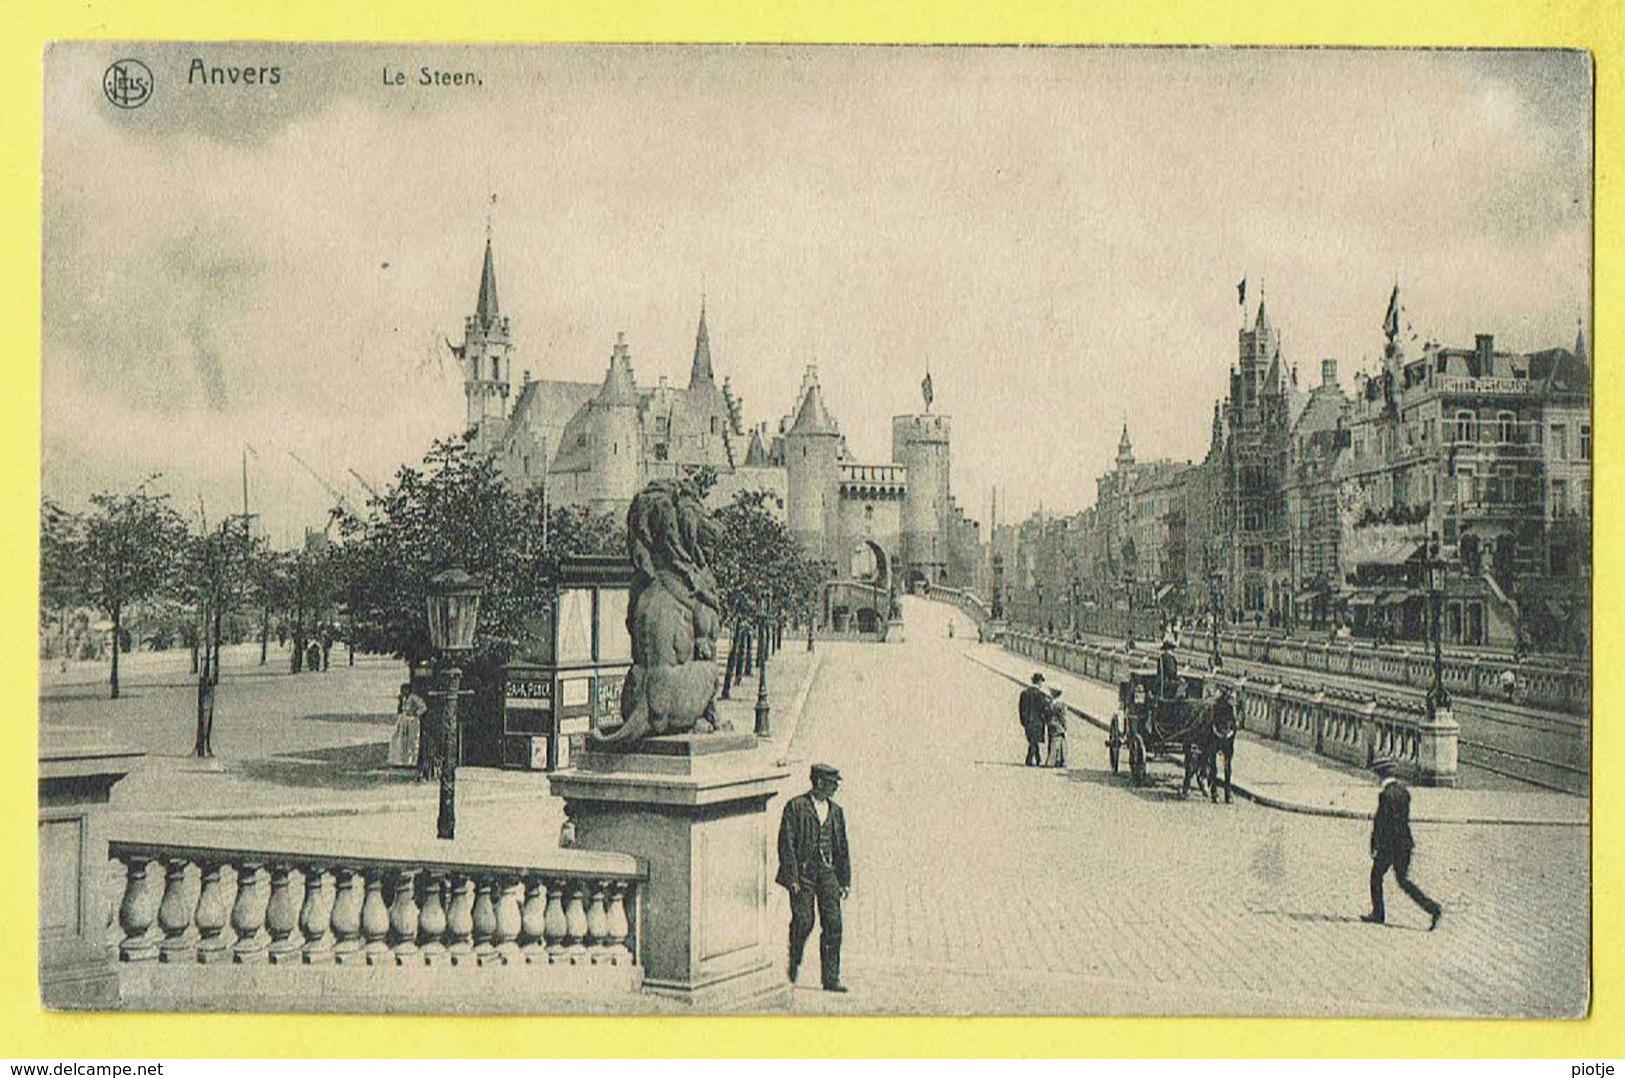 * Antwerpen - Anvers - Antwerp * (Ed Nels, Série 25, Nr 21) Le Steen, Animée, Lion, Musée, Chateau, Quai, Rare - Antwerpen